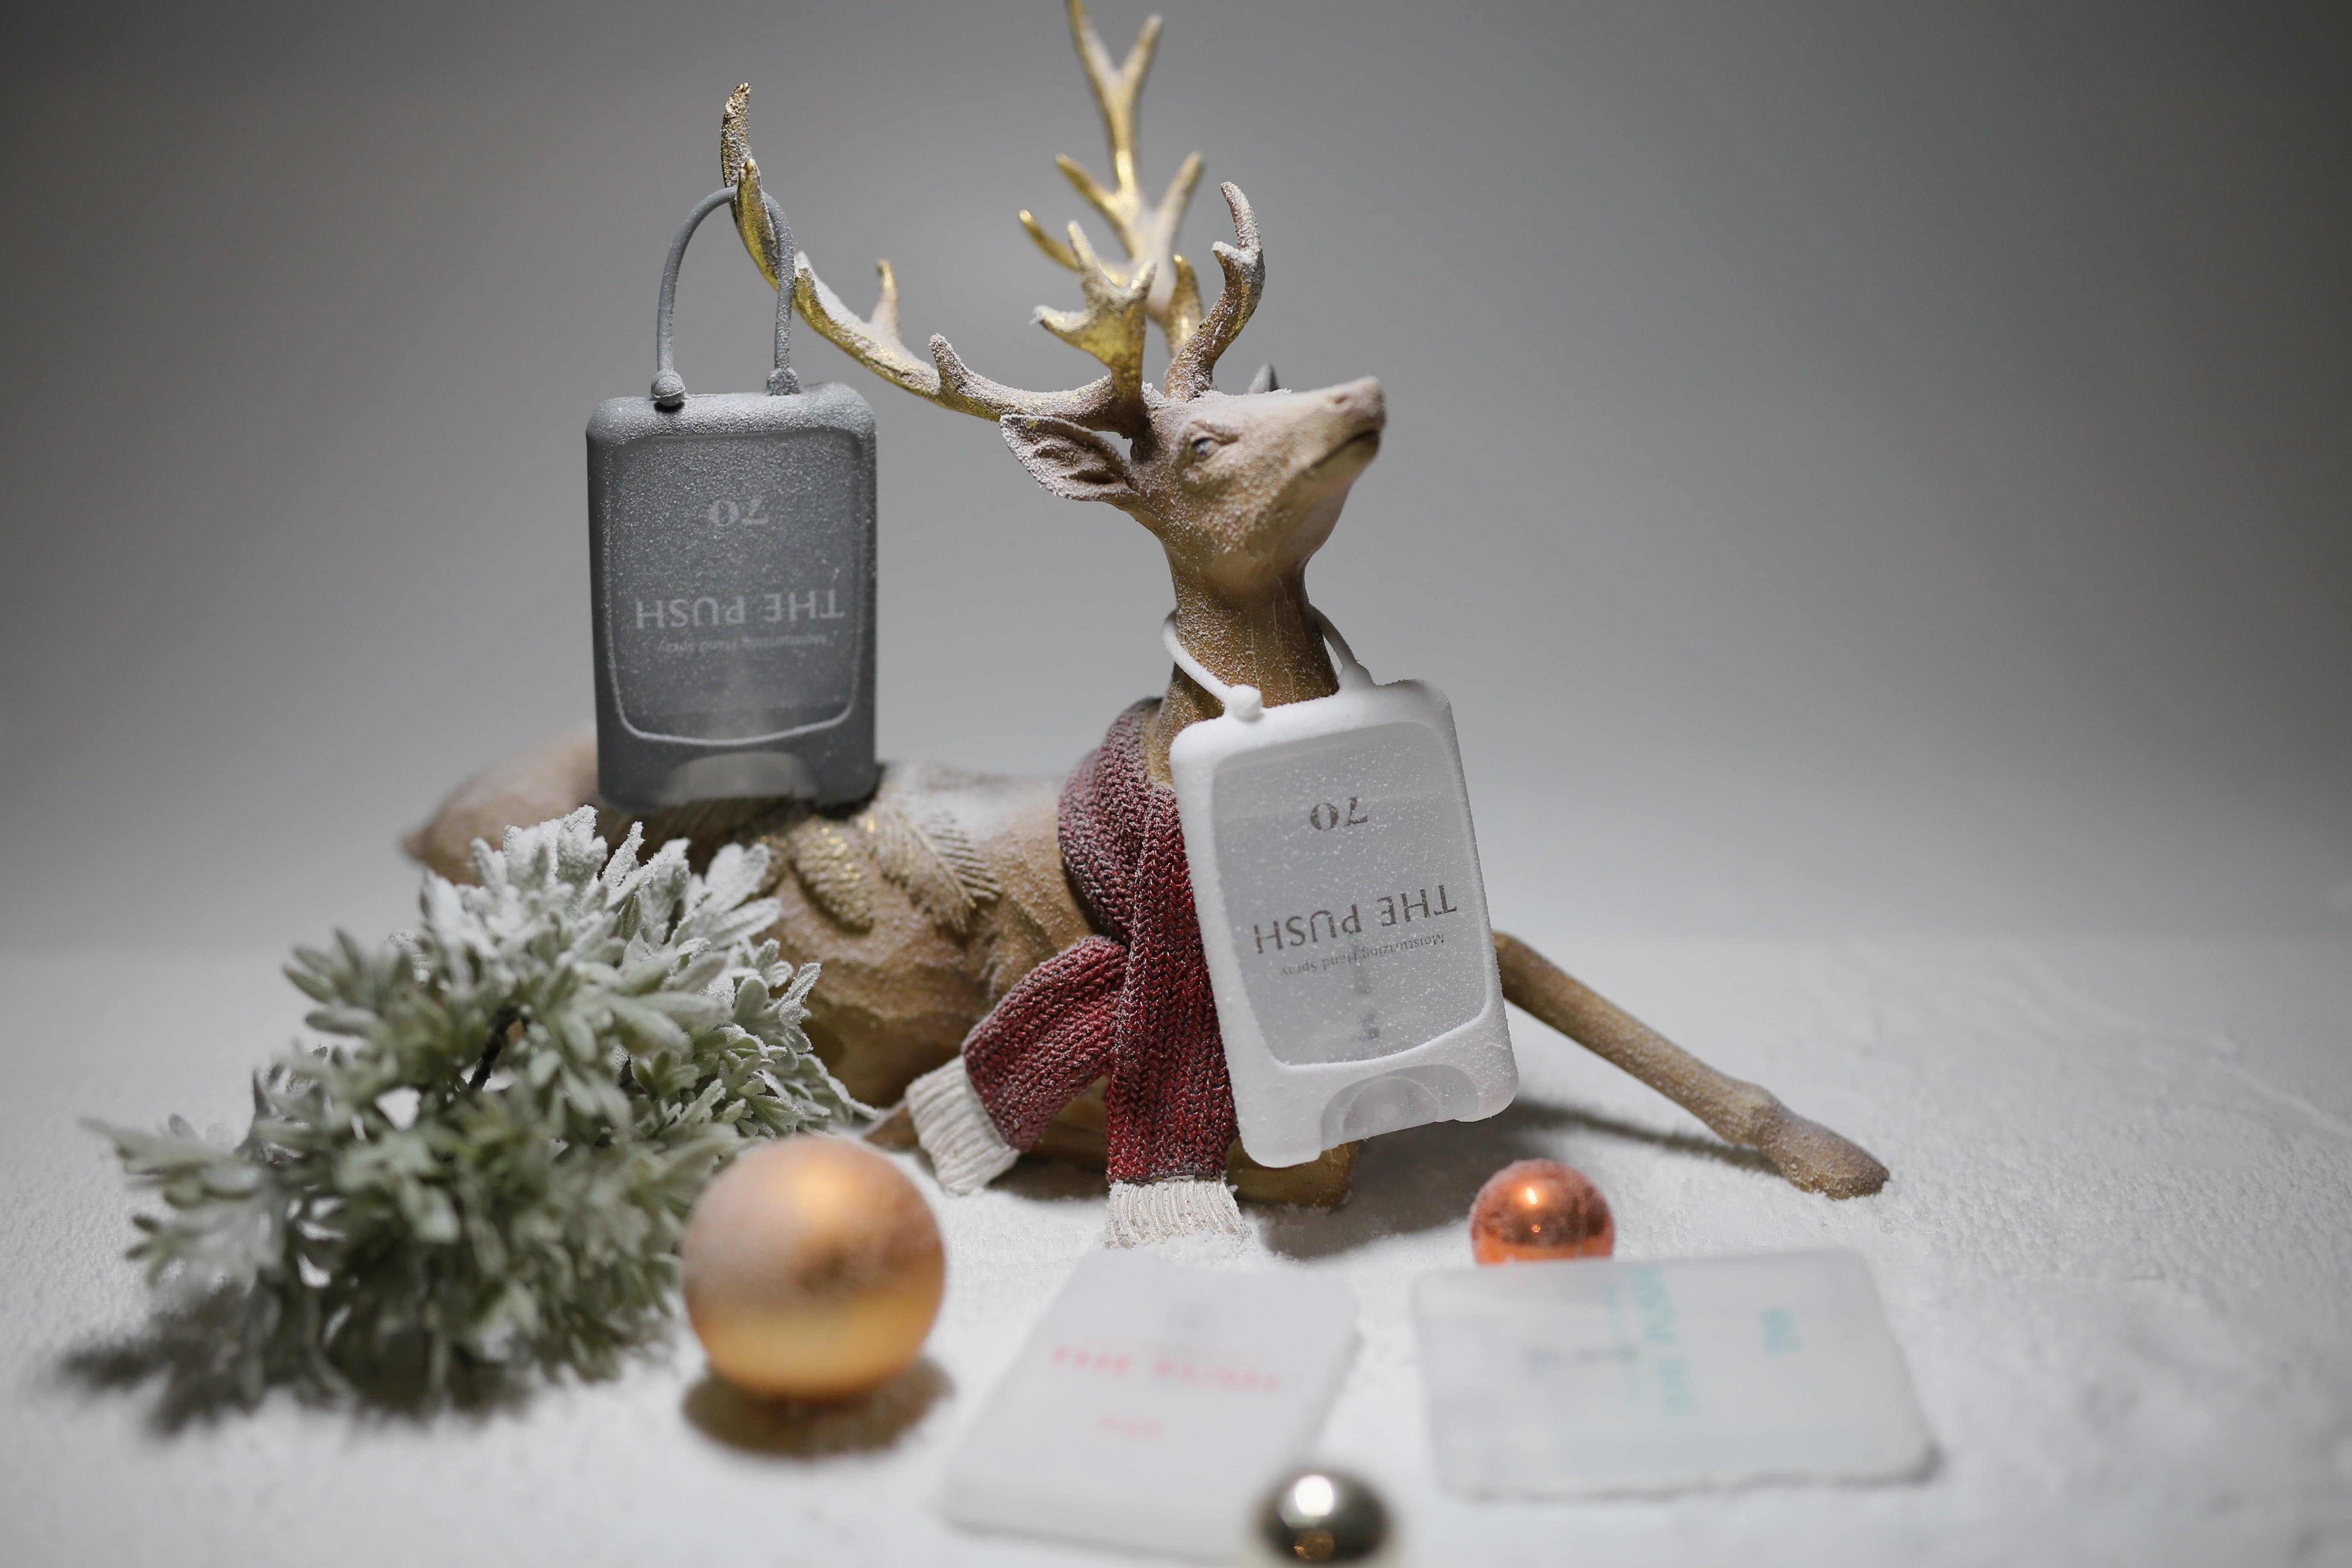 アロマの香り漂う カード型除菌スプレー「THE PUSH」発売